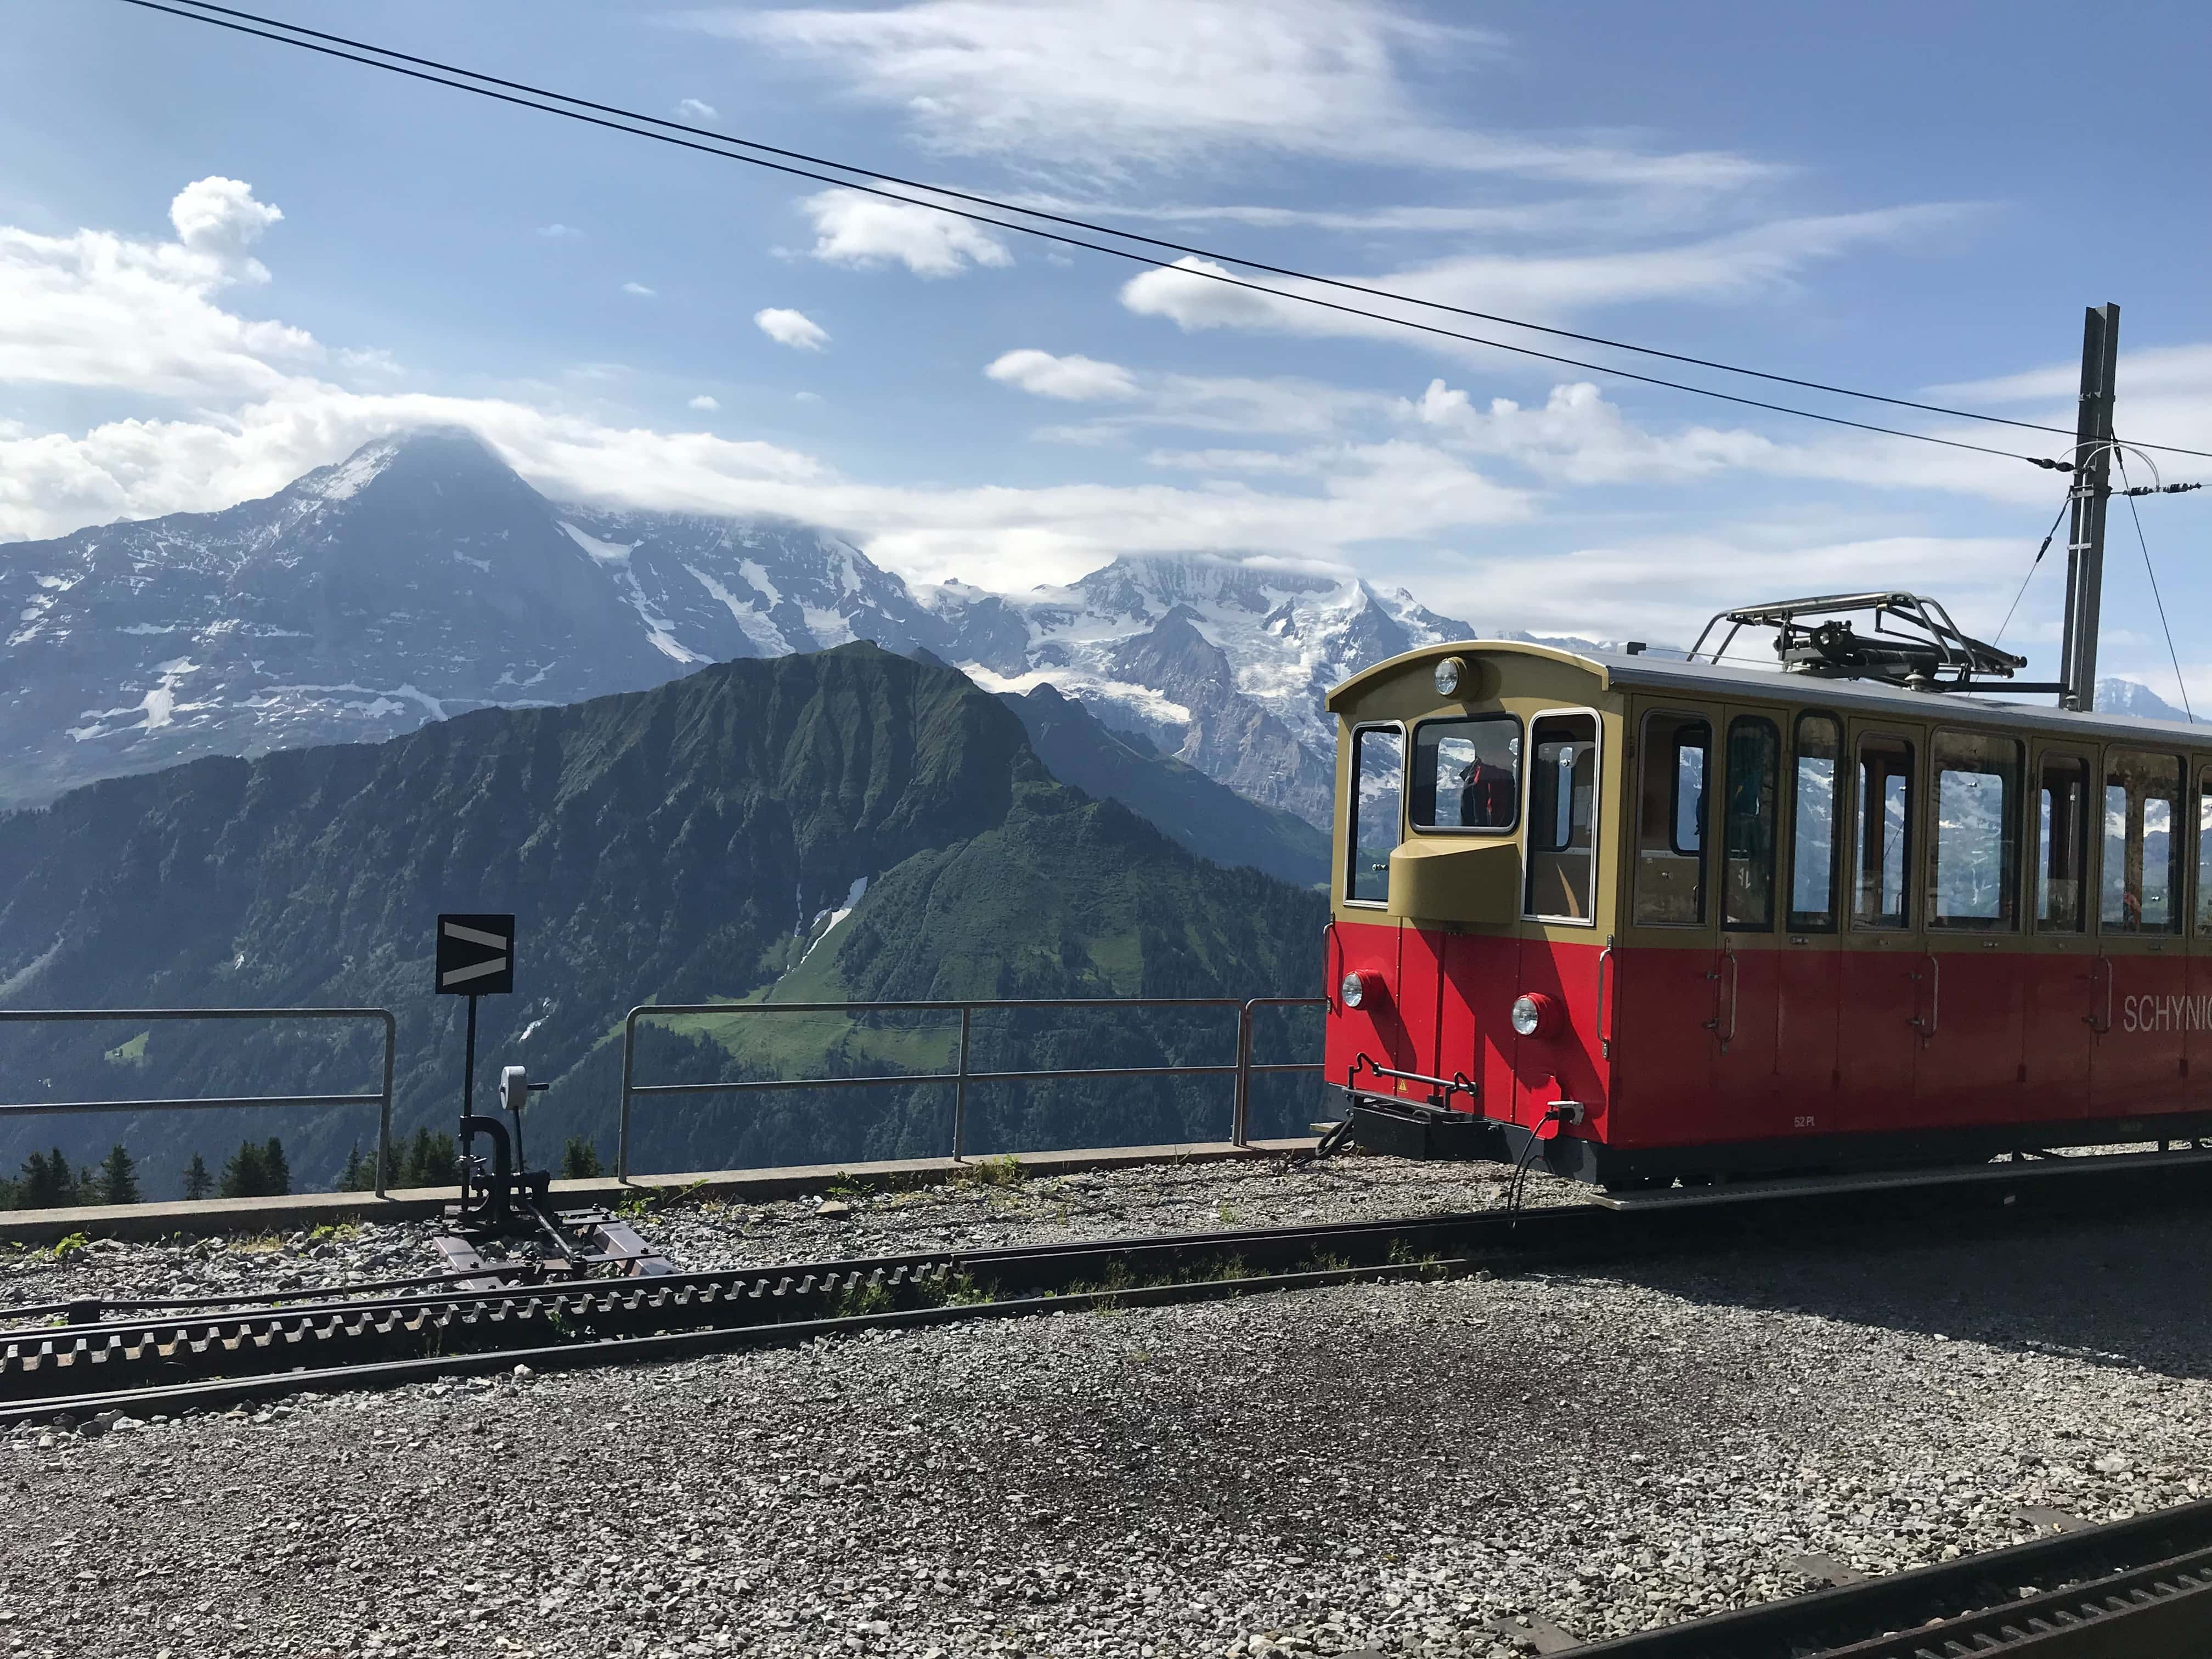 What To Do in Interlake, Switzerland in Summer